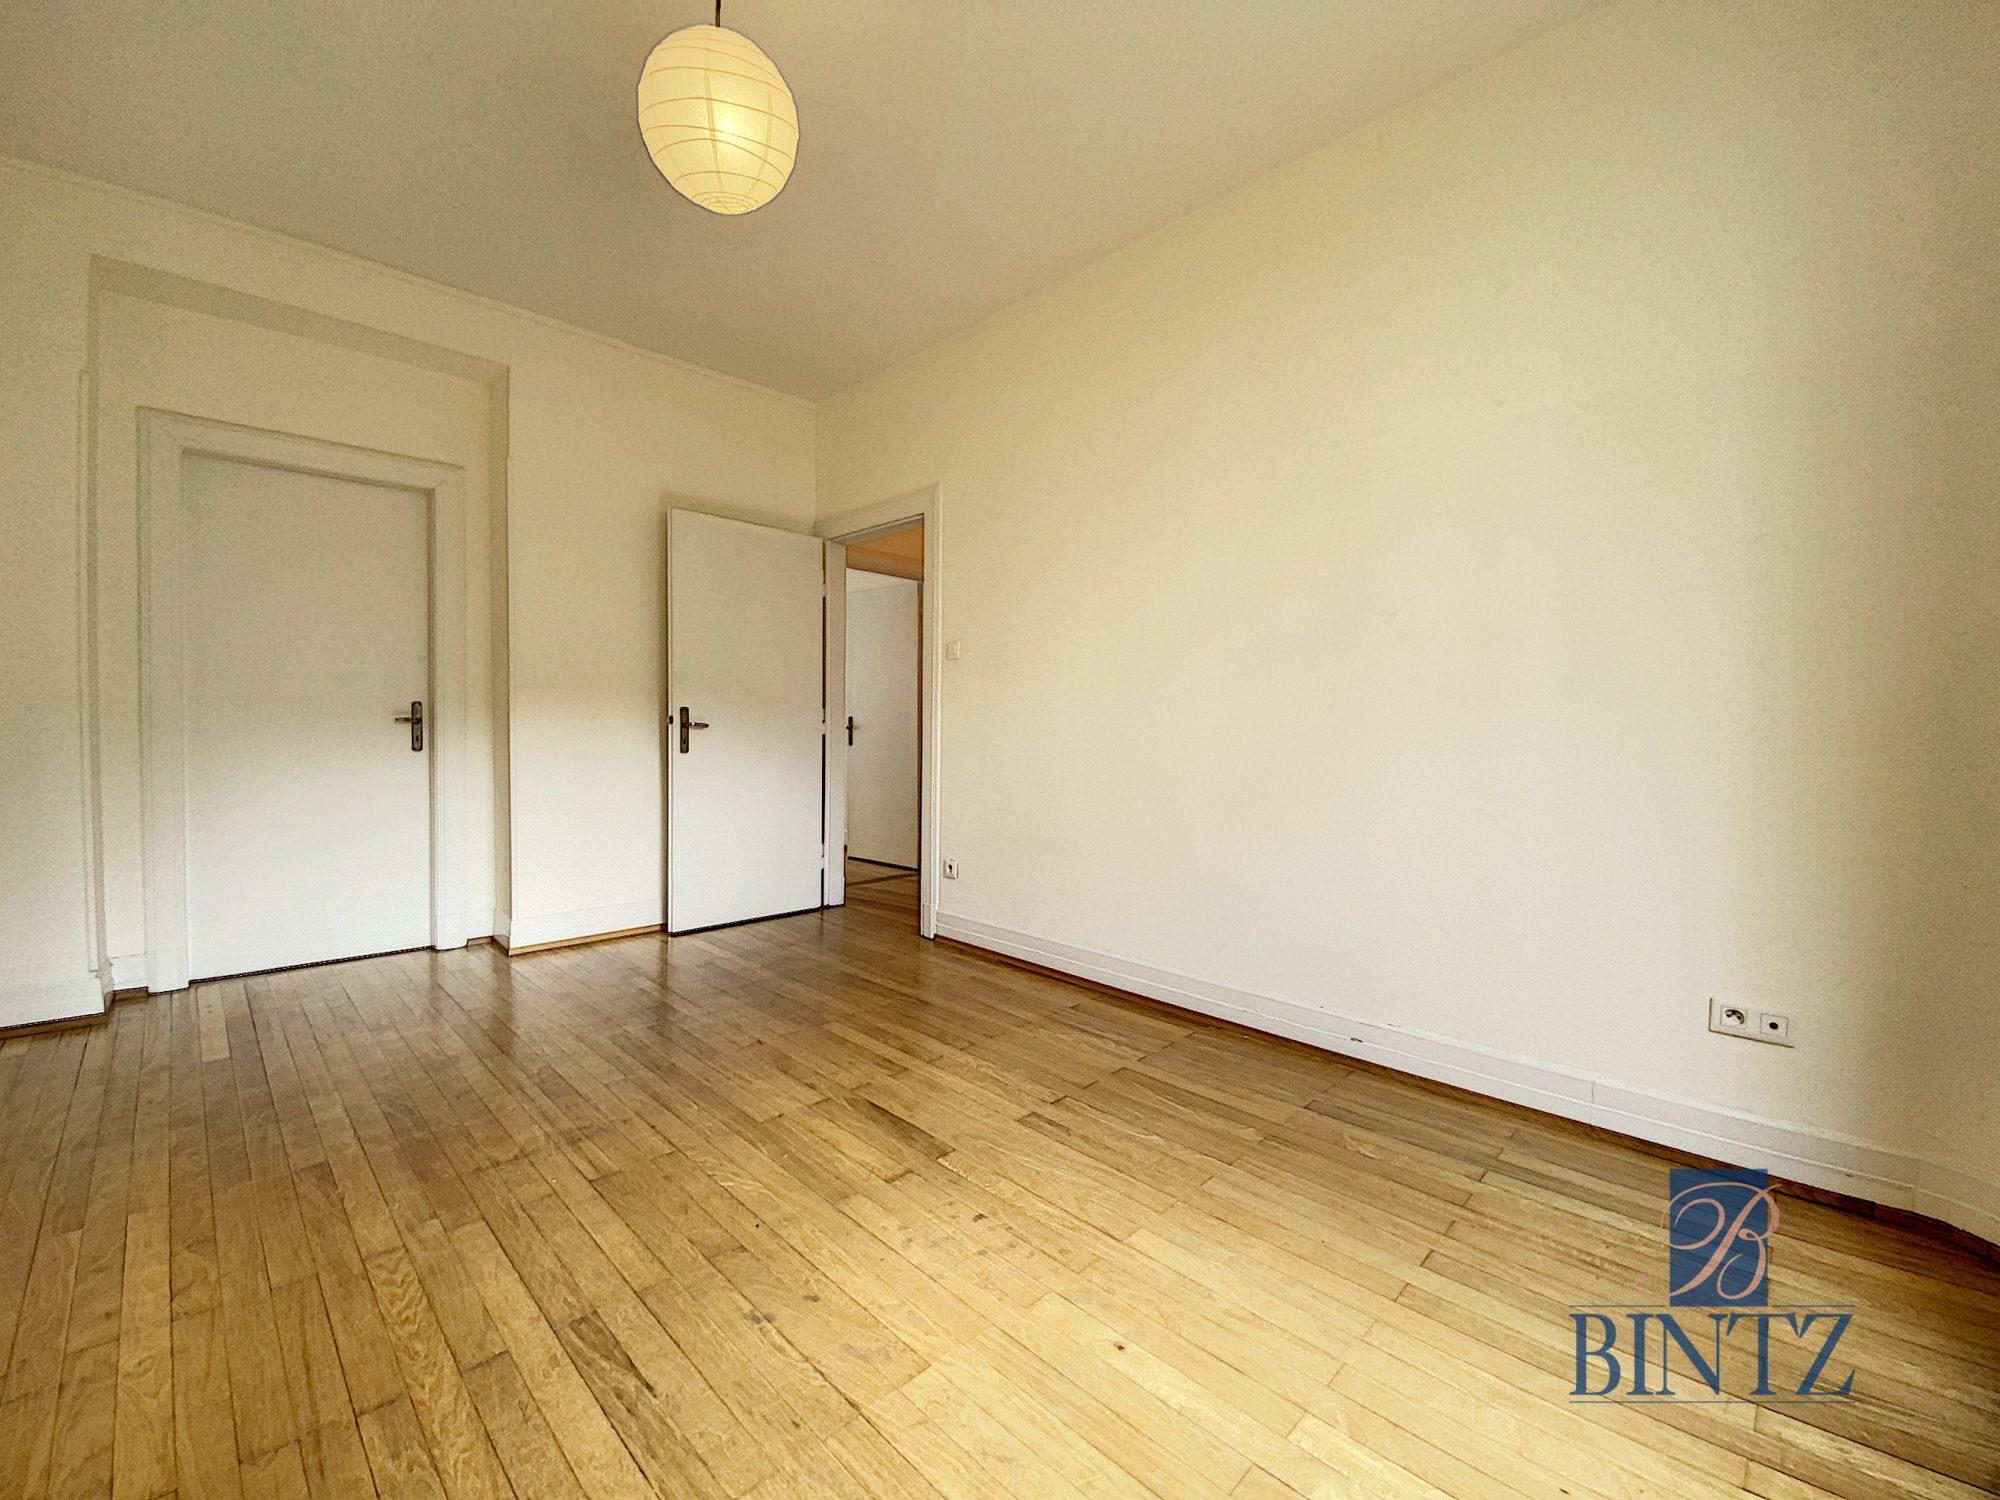 GRAND 2 PIÈCES KRUTENAU - Devenez locataire en toute sérénité - Bintz Immobilier - 5